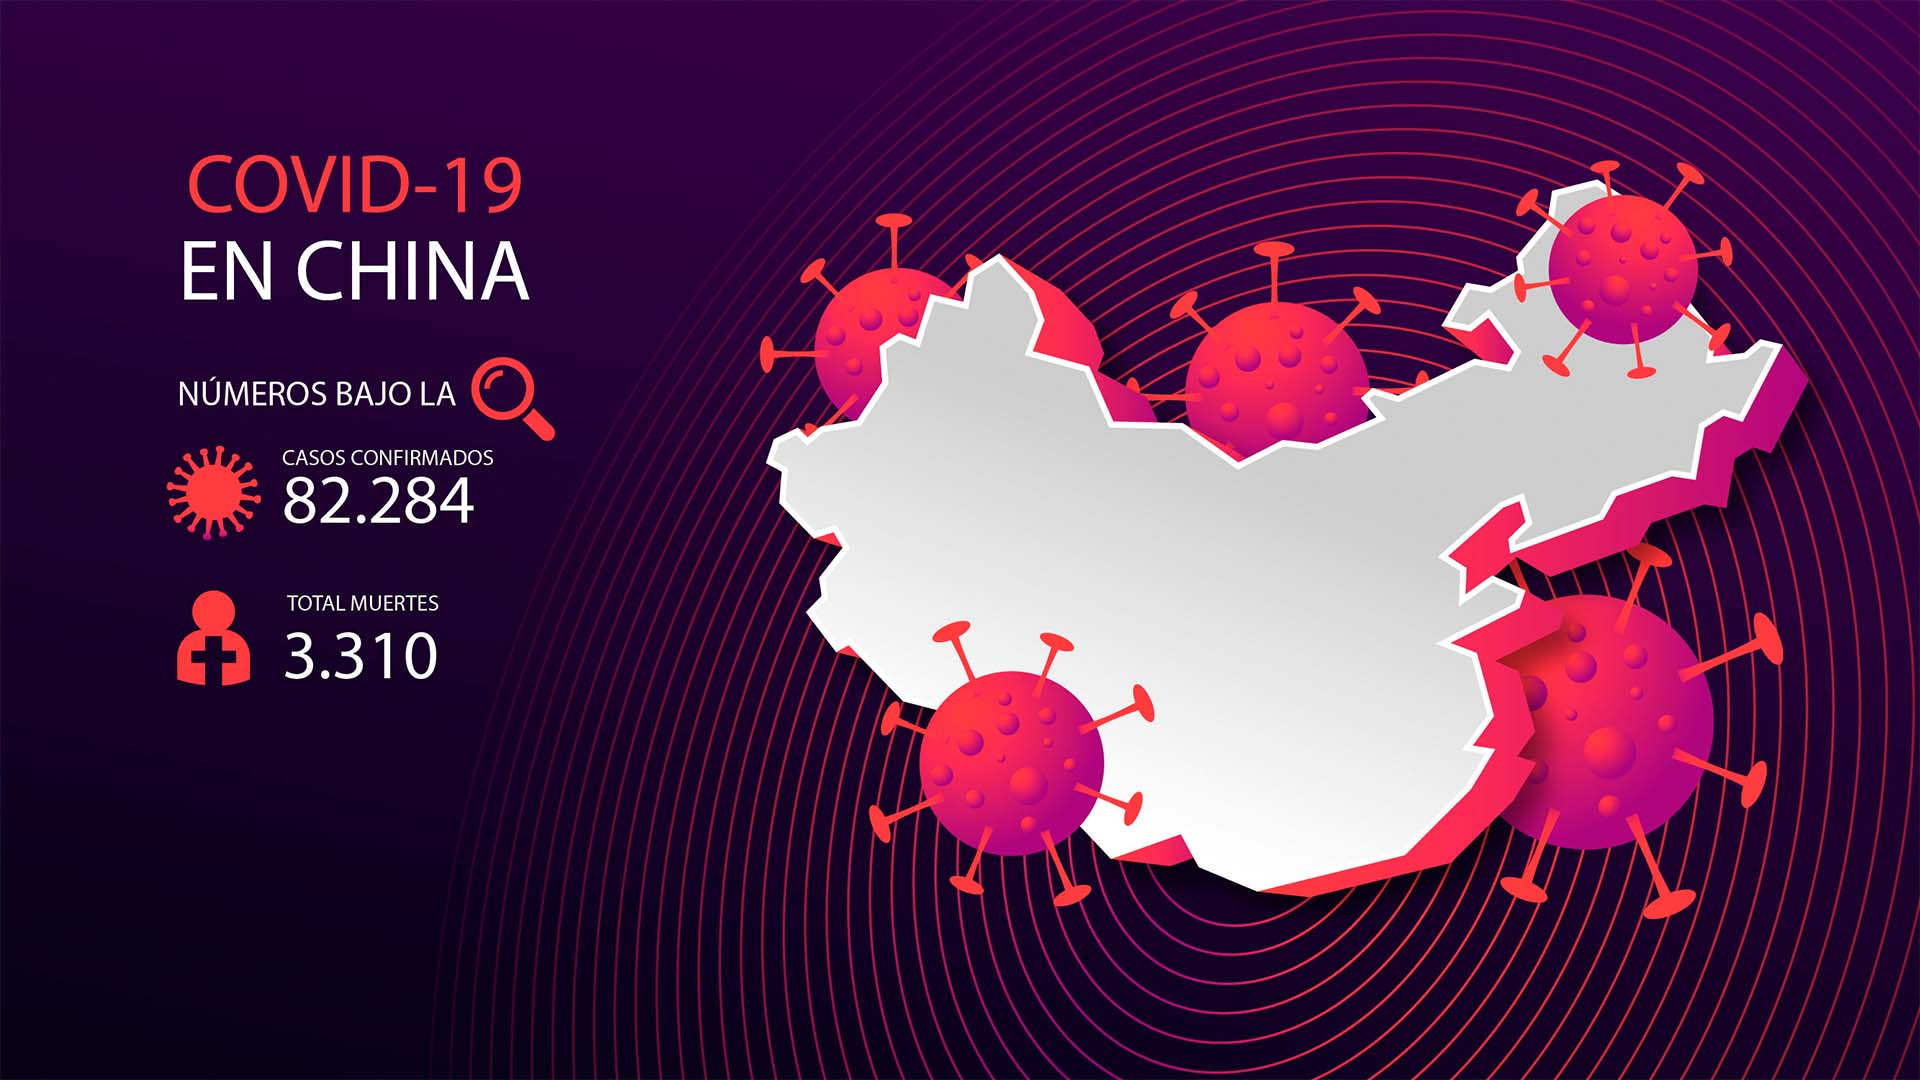 Runrunes de Bocaranda: BAJO - CHINA Y SUS NÚMEROS